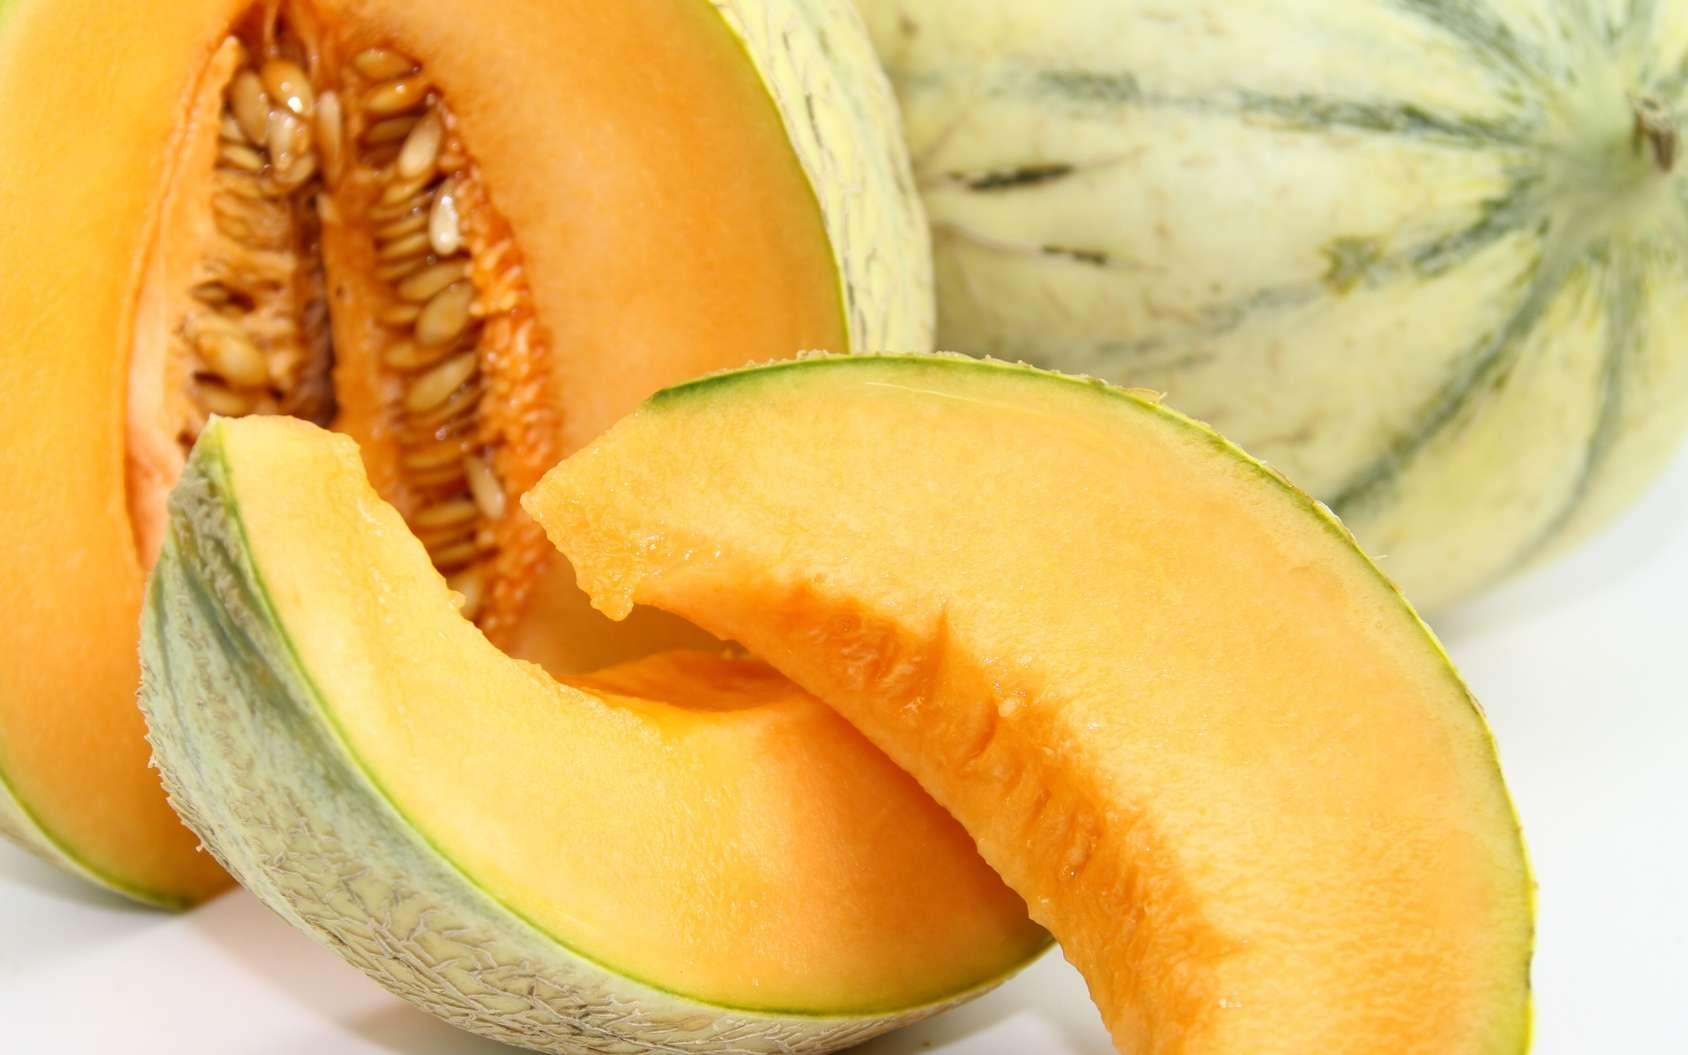 Melon bien mûr : les signes qui ne trompent pas. © papinou, Fotolia